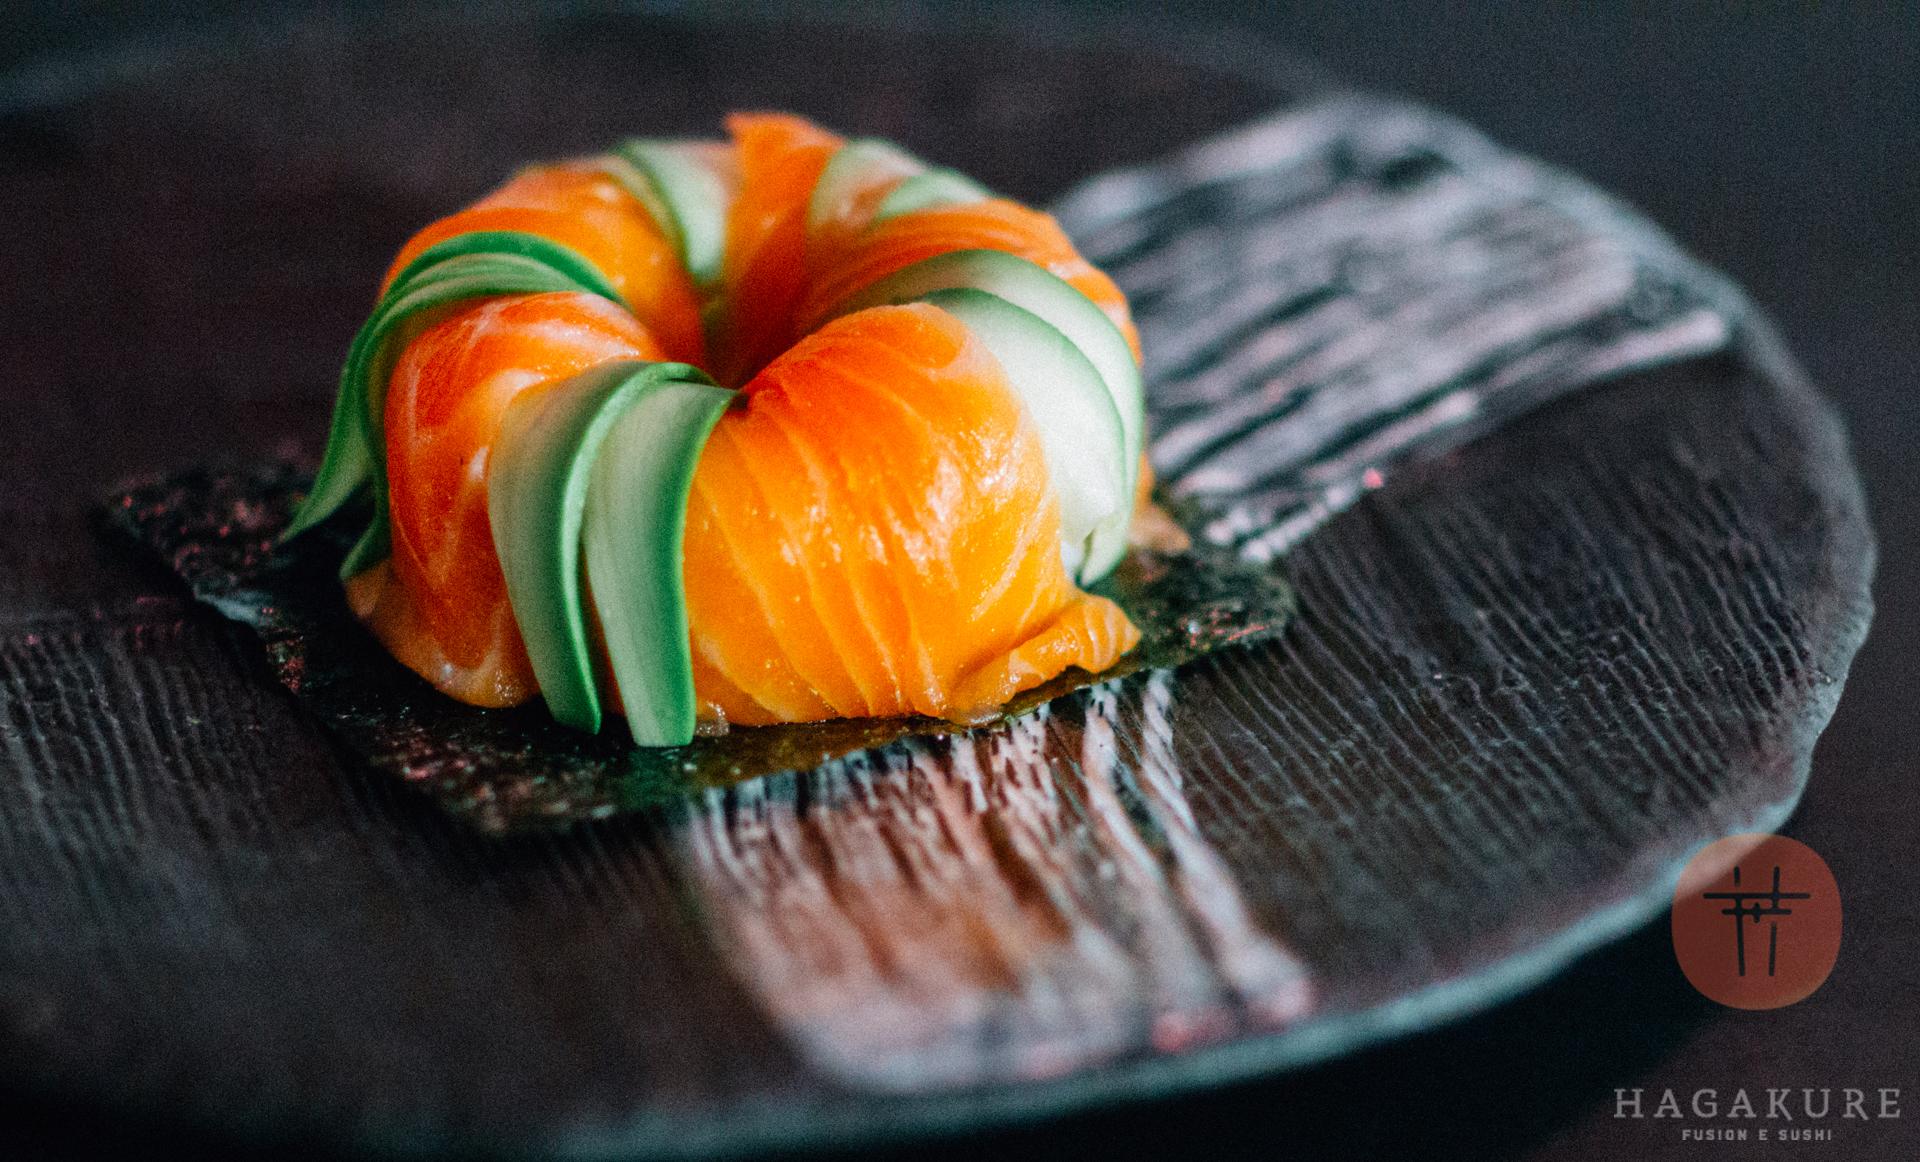 hagakure sushi fusion HAGAKURE WIKI <br> IL SALMONE